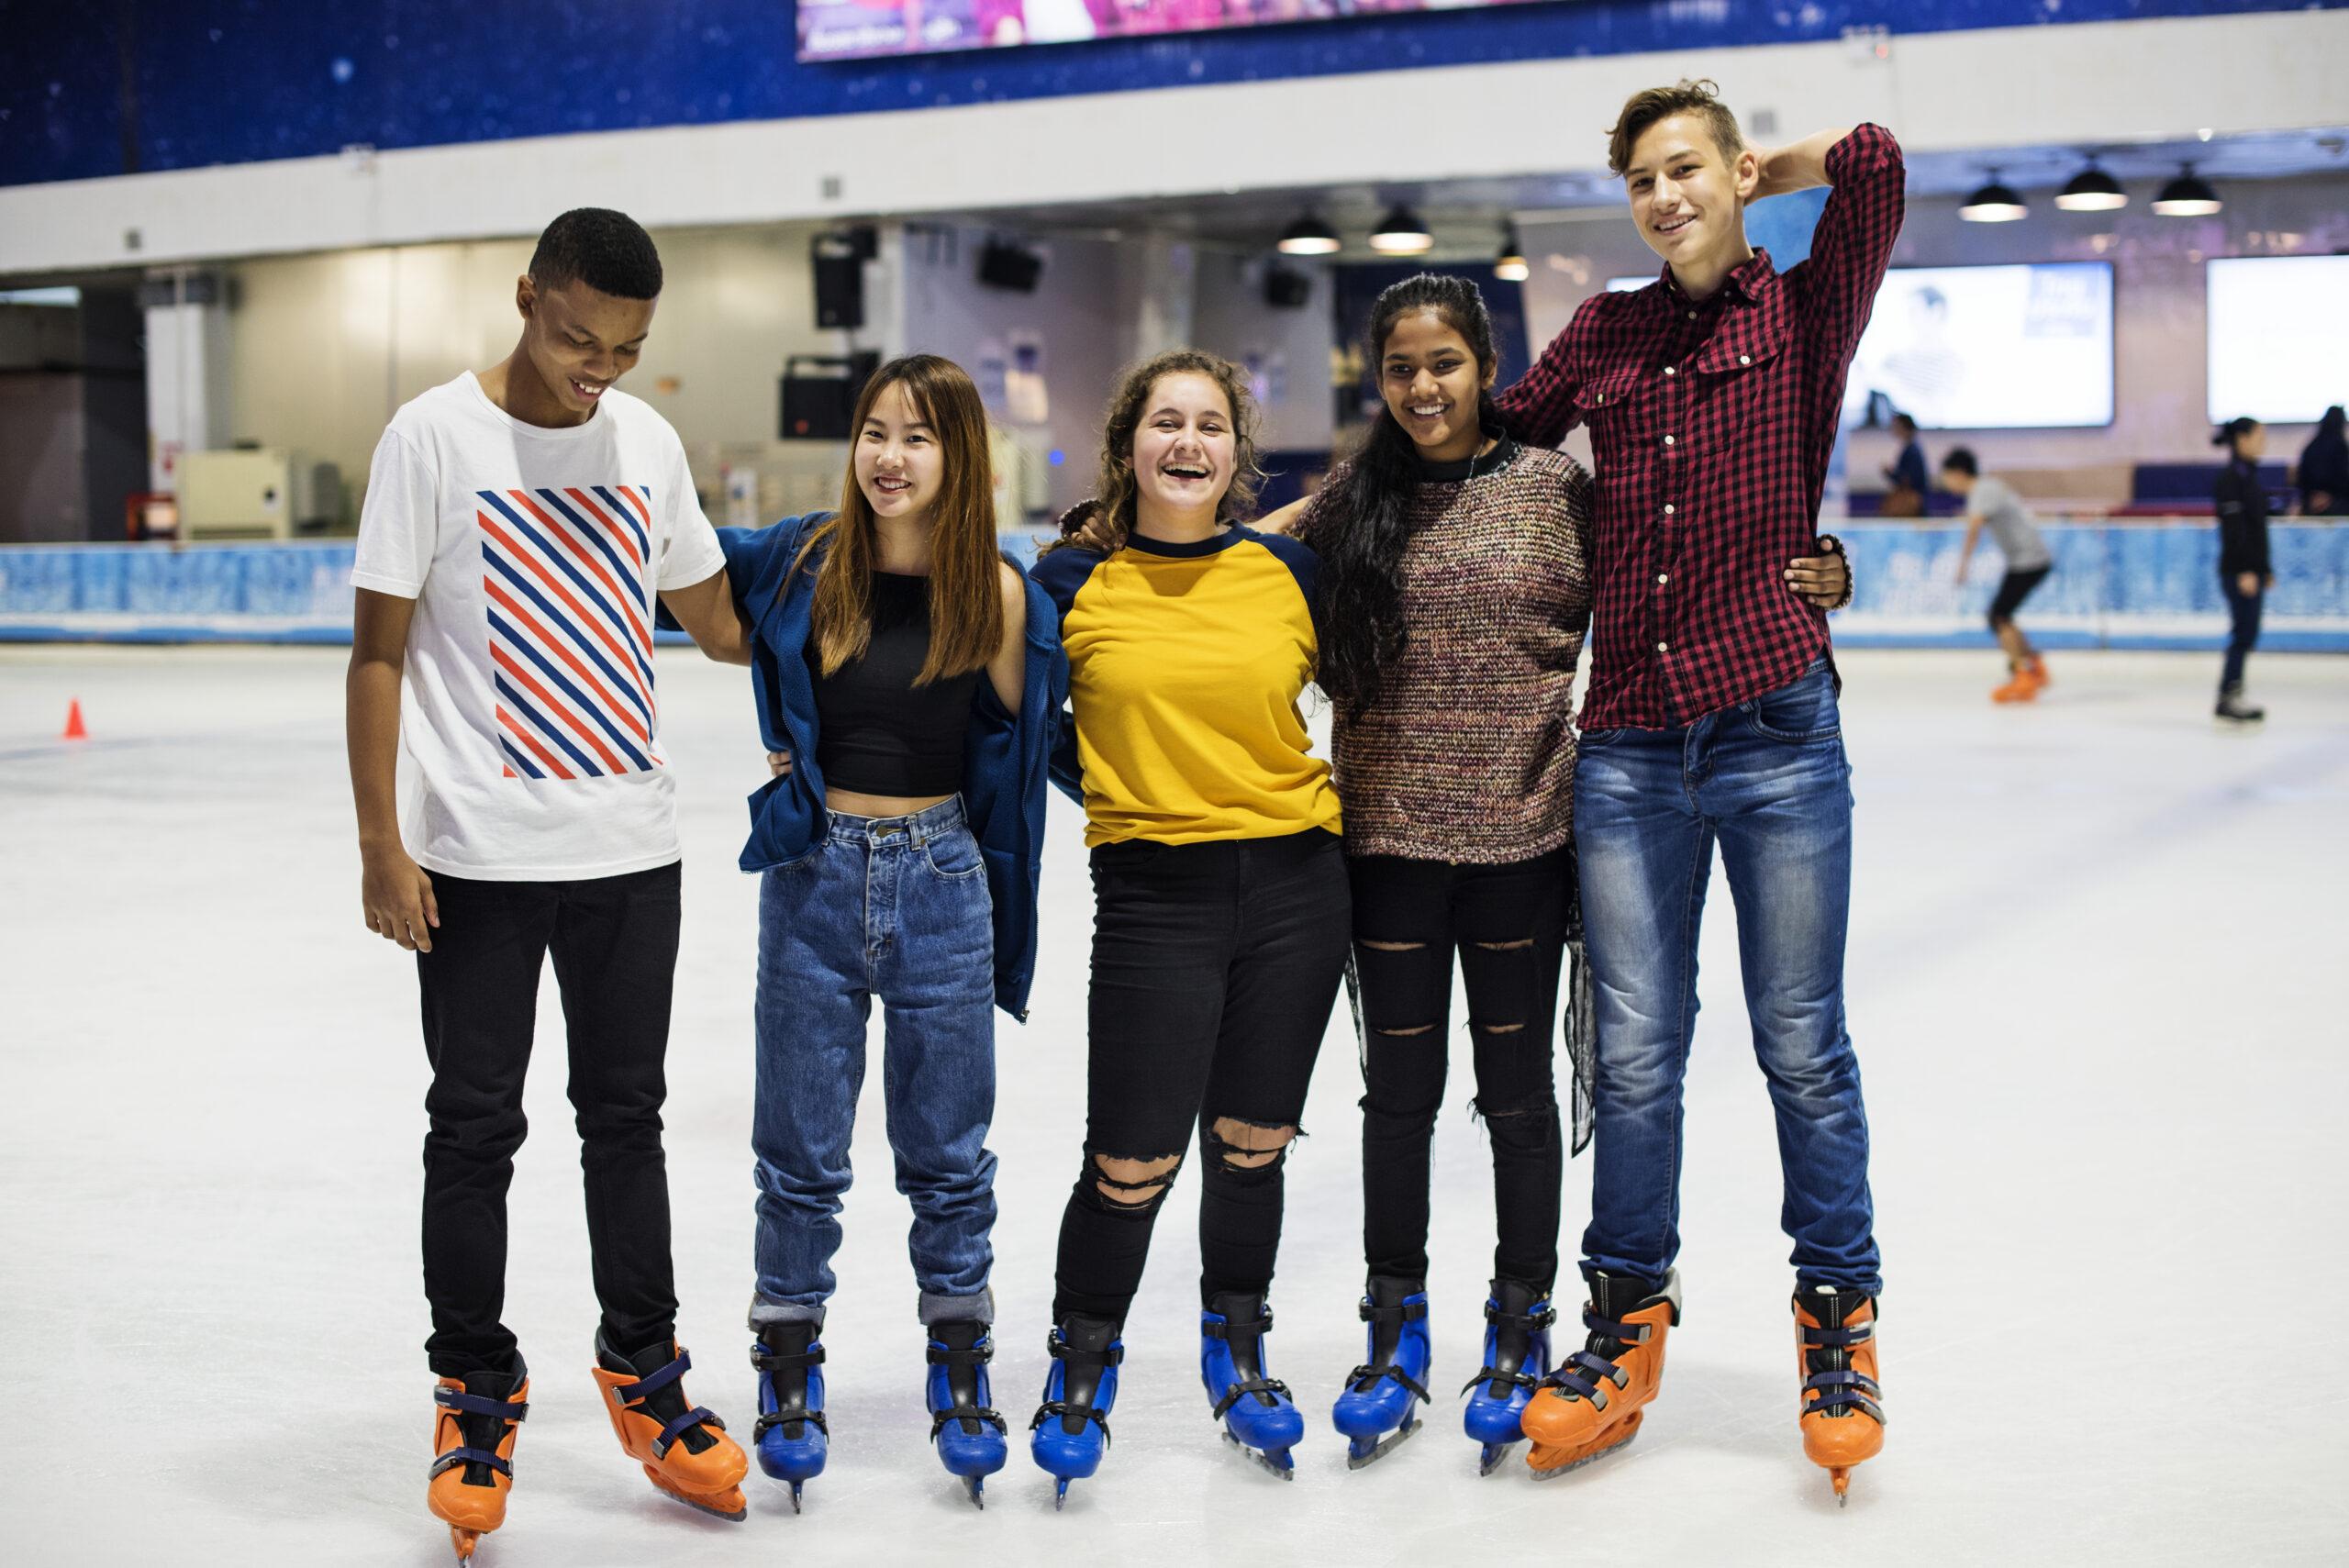 Groupe d'amis en patin